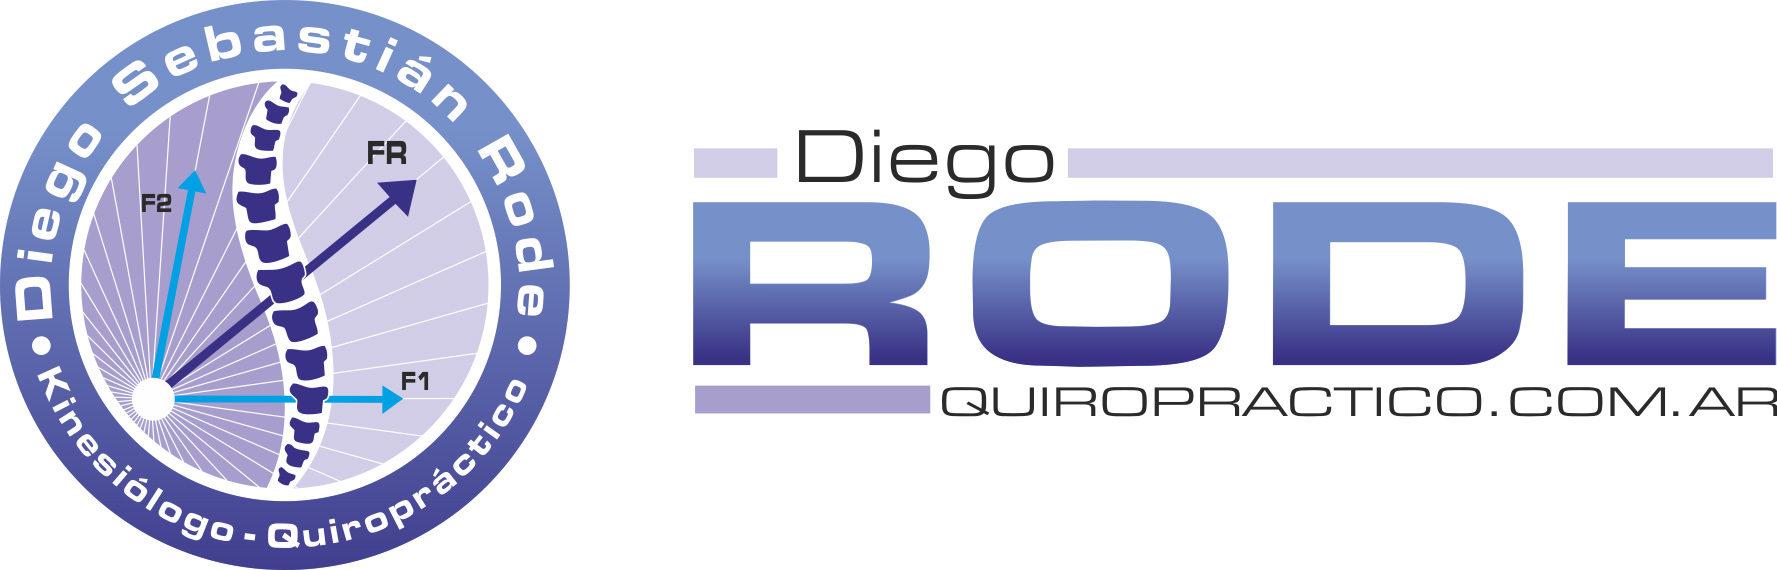 Diego Rode Quiropractico